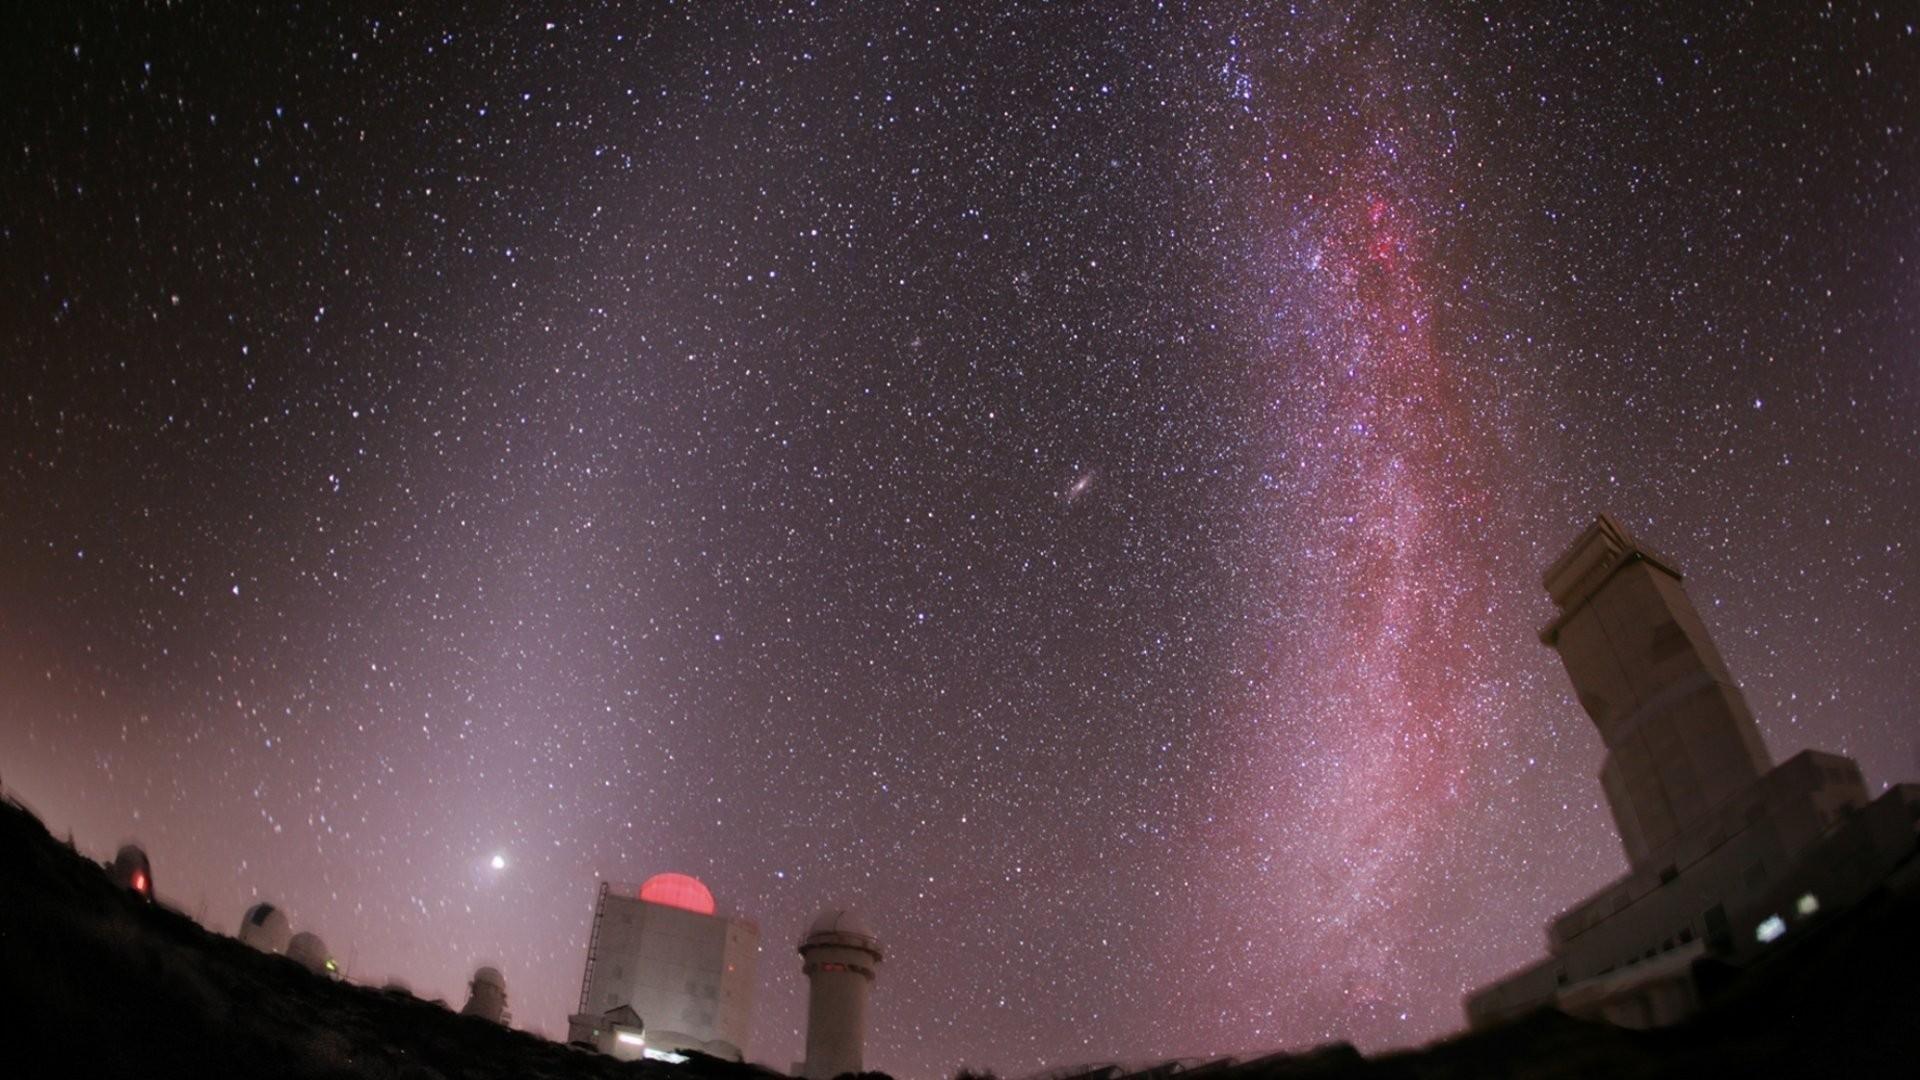 1920×1080. Nasa Tag – Stars Nasa Galaxies Hubble Nebulae Nature Wallpaper  For Desktop Computer for HD 16